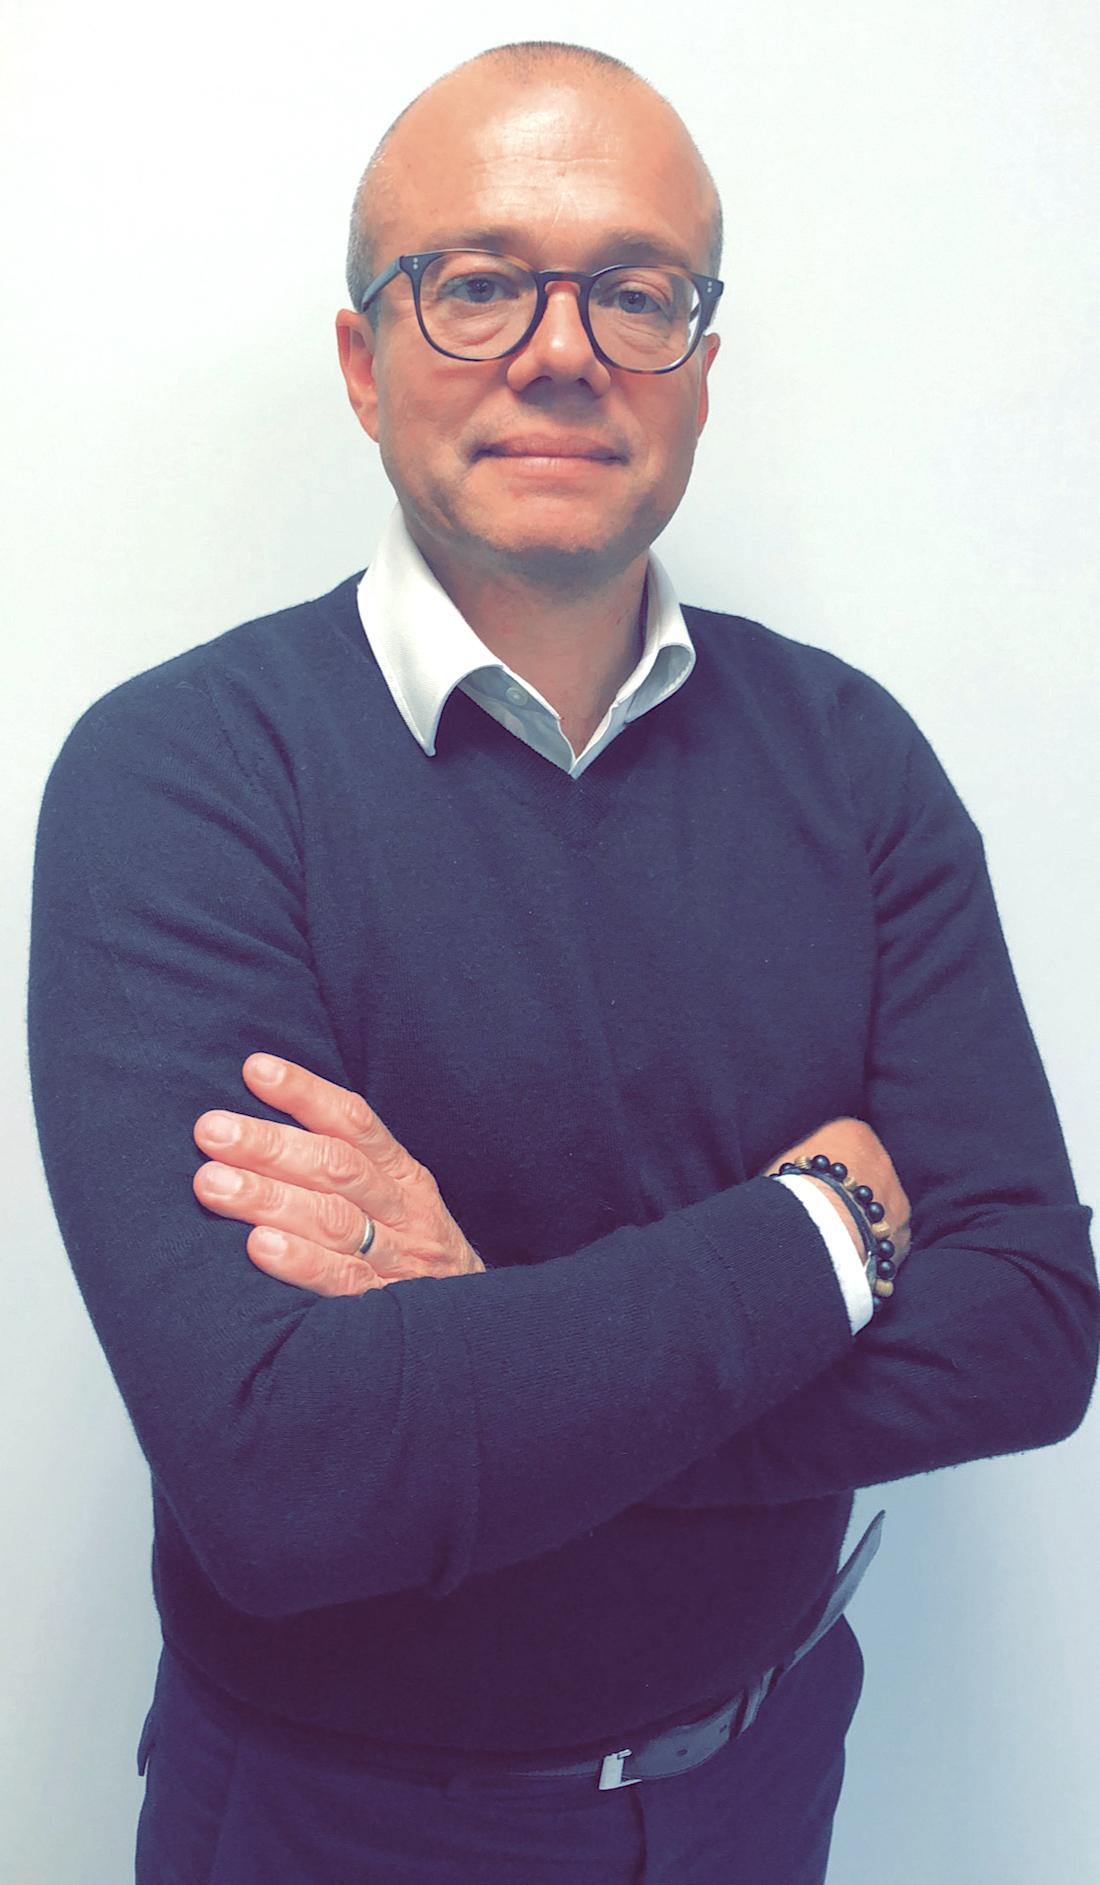 Stéphane Cavaillon-Pinod, Directeur Général des Opalines. ©DR